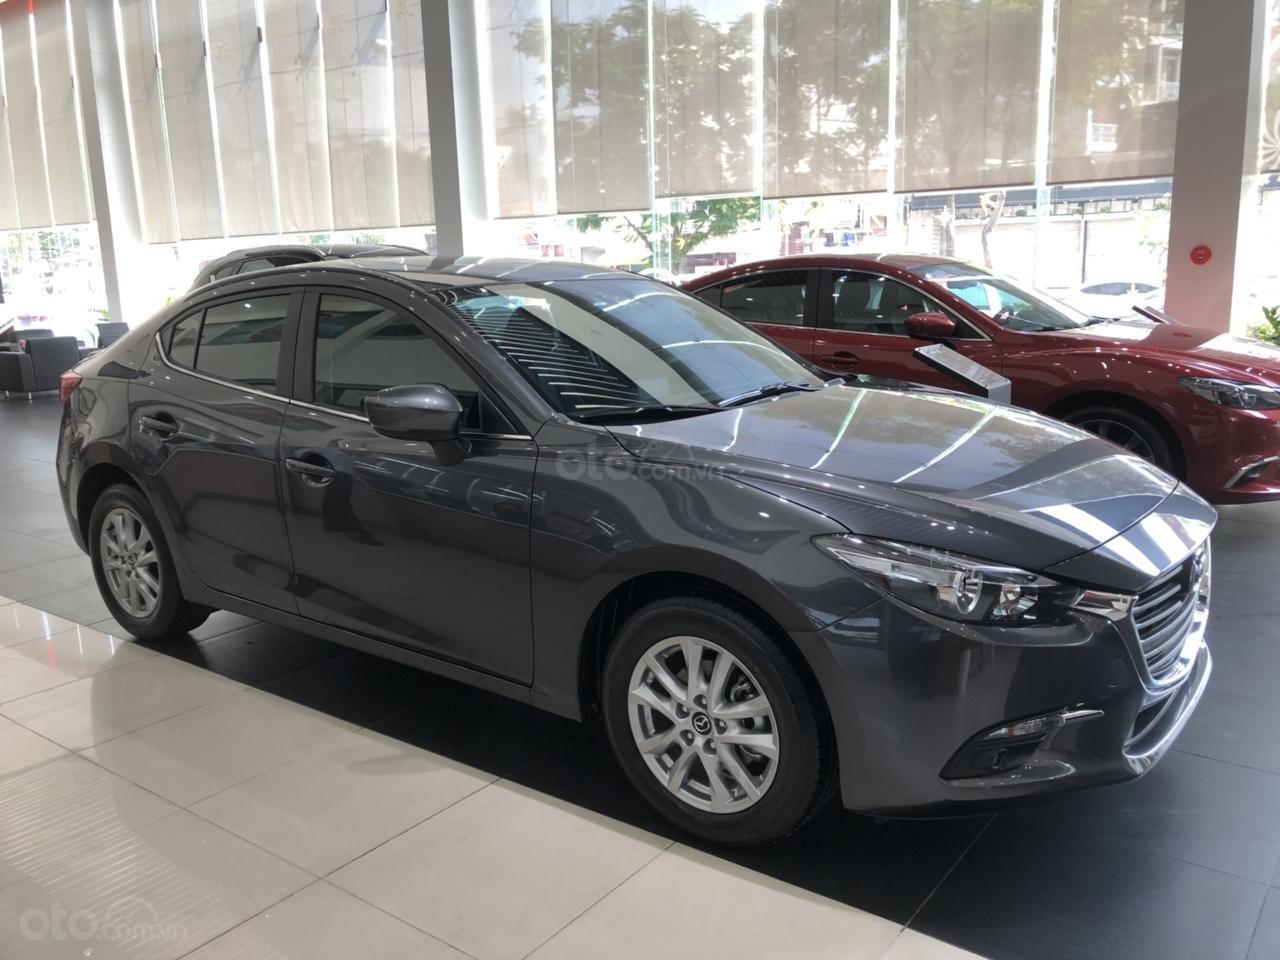 Bán Mazda 3 tại CN Bình Triệu - Khai trương ưu đãi khủng, ưu đãi shock khi mua xe (6)